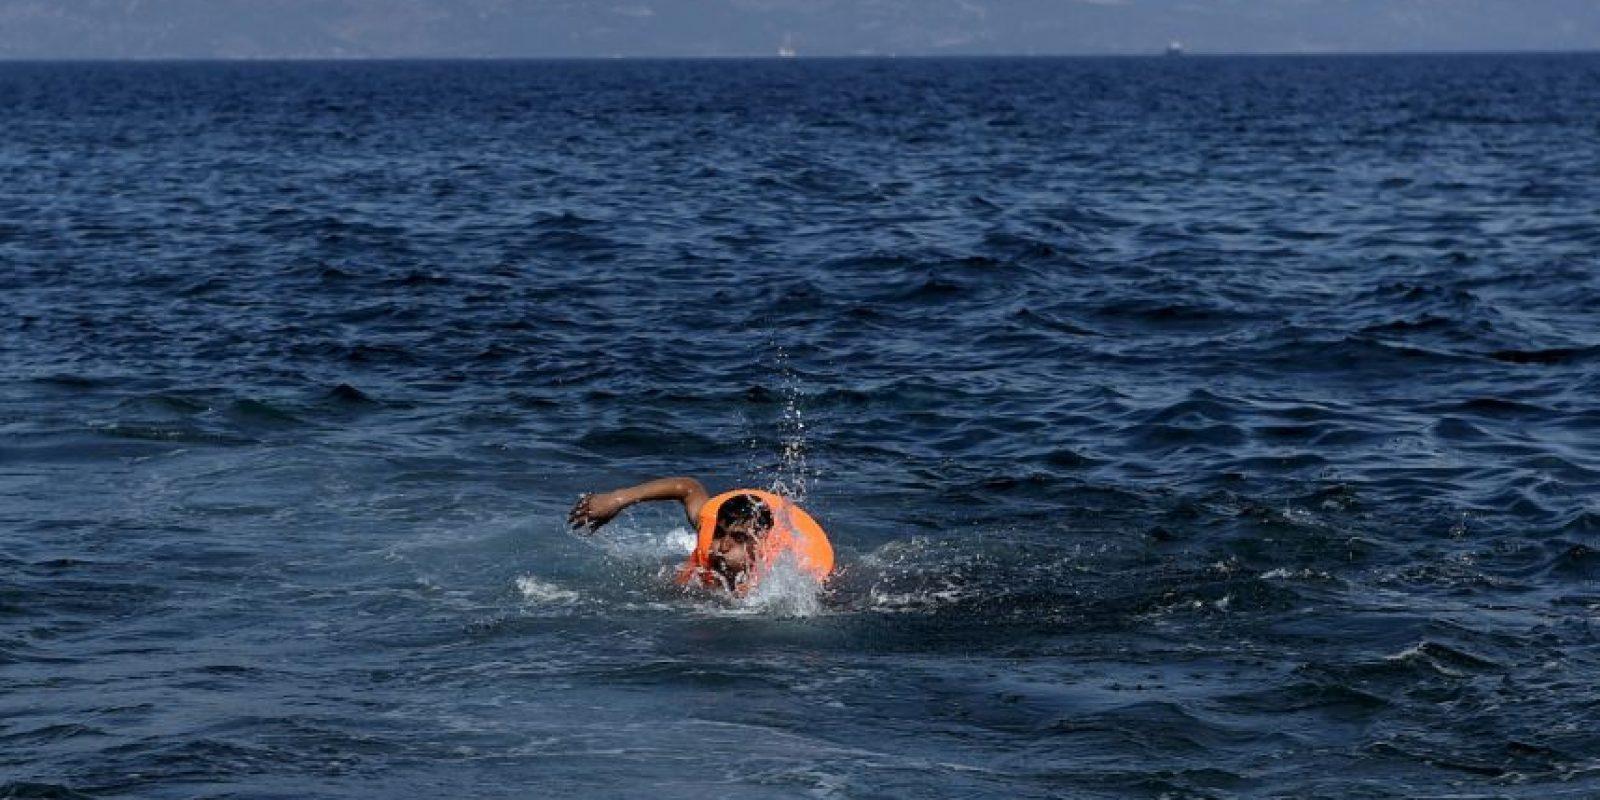 Un migrante nada en la costa de la isla griega de Lesbos. Foto:AFP